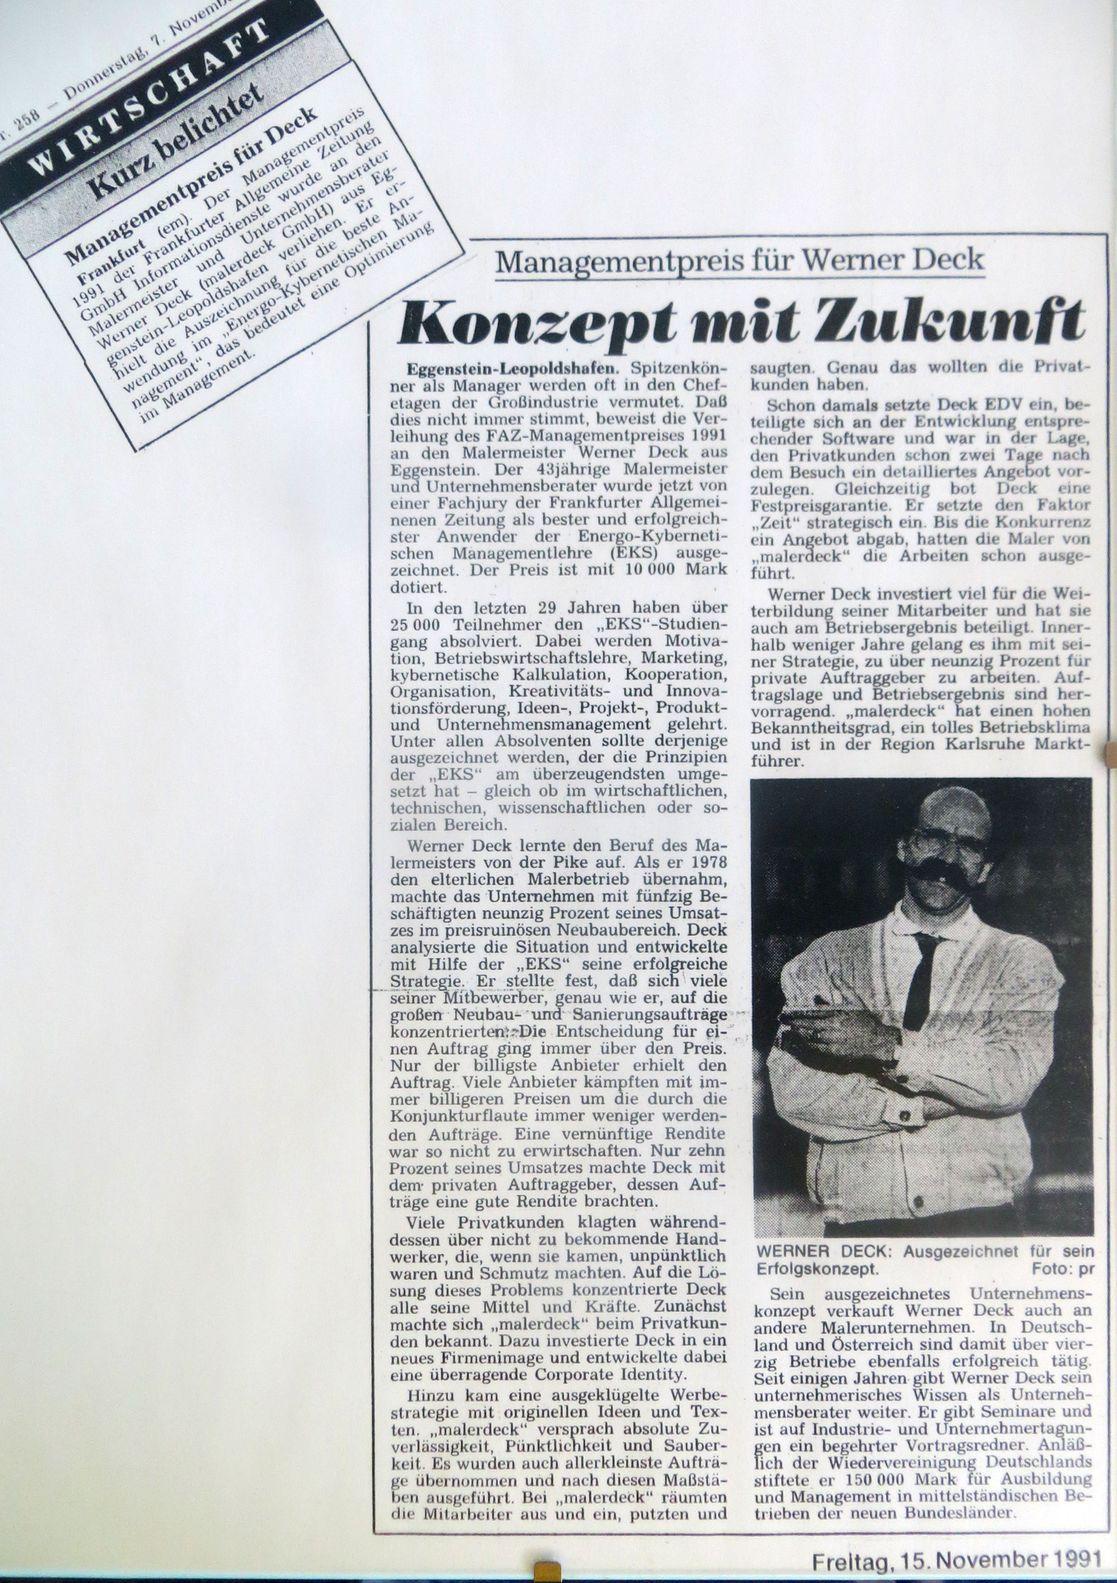 EKS-Preis für Werner Deck